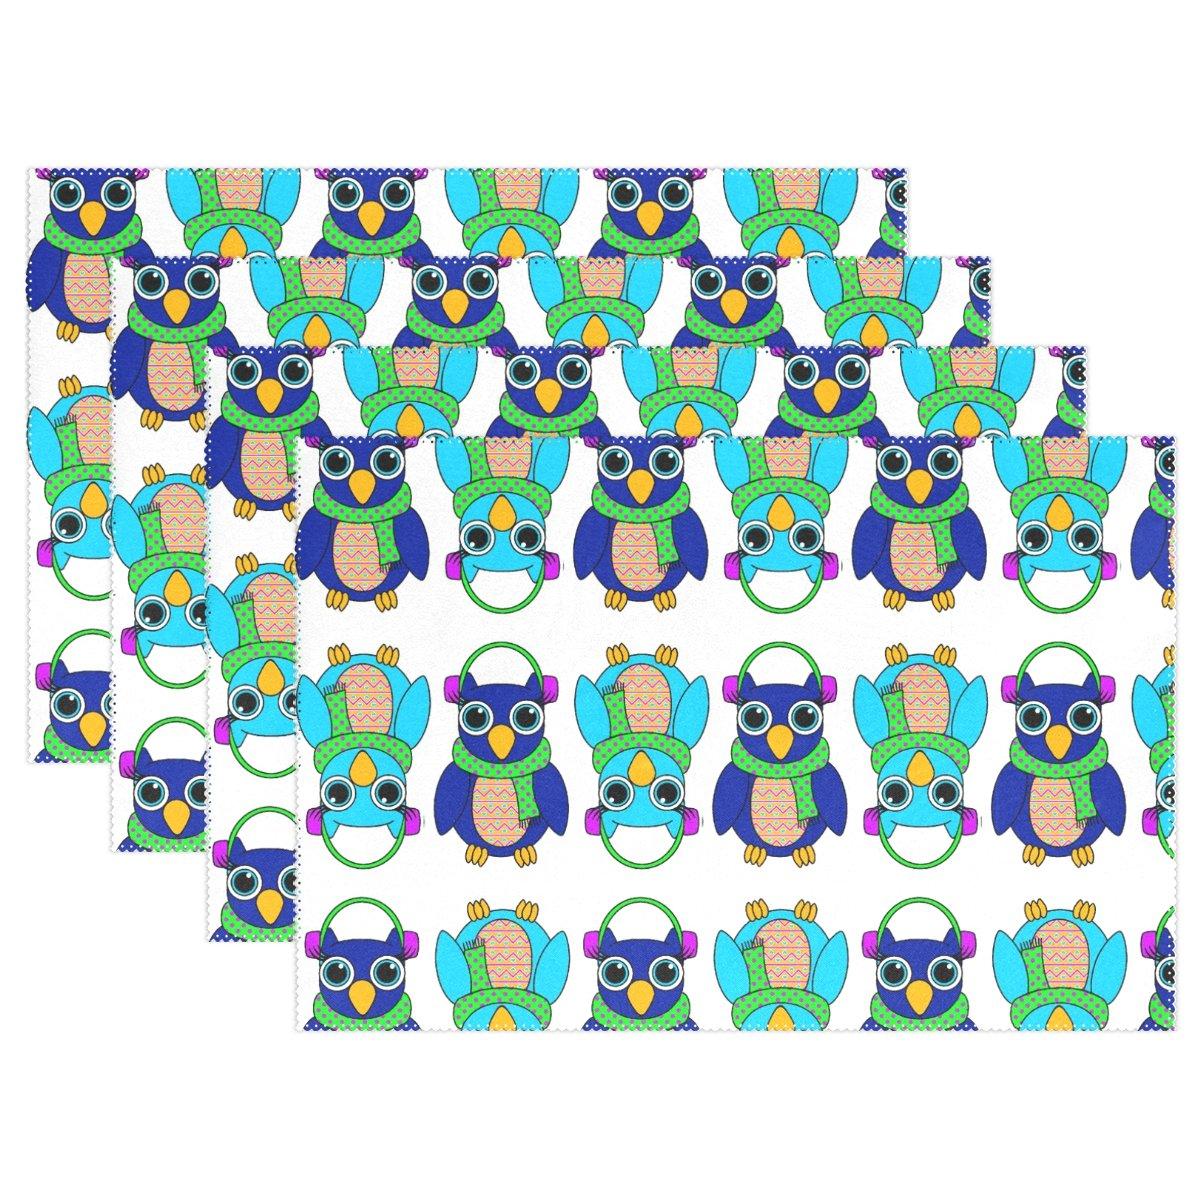 alireaフクロウ印刷ポリエステルテーブルPlaceマット12